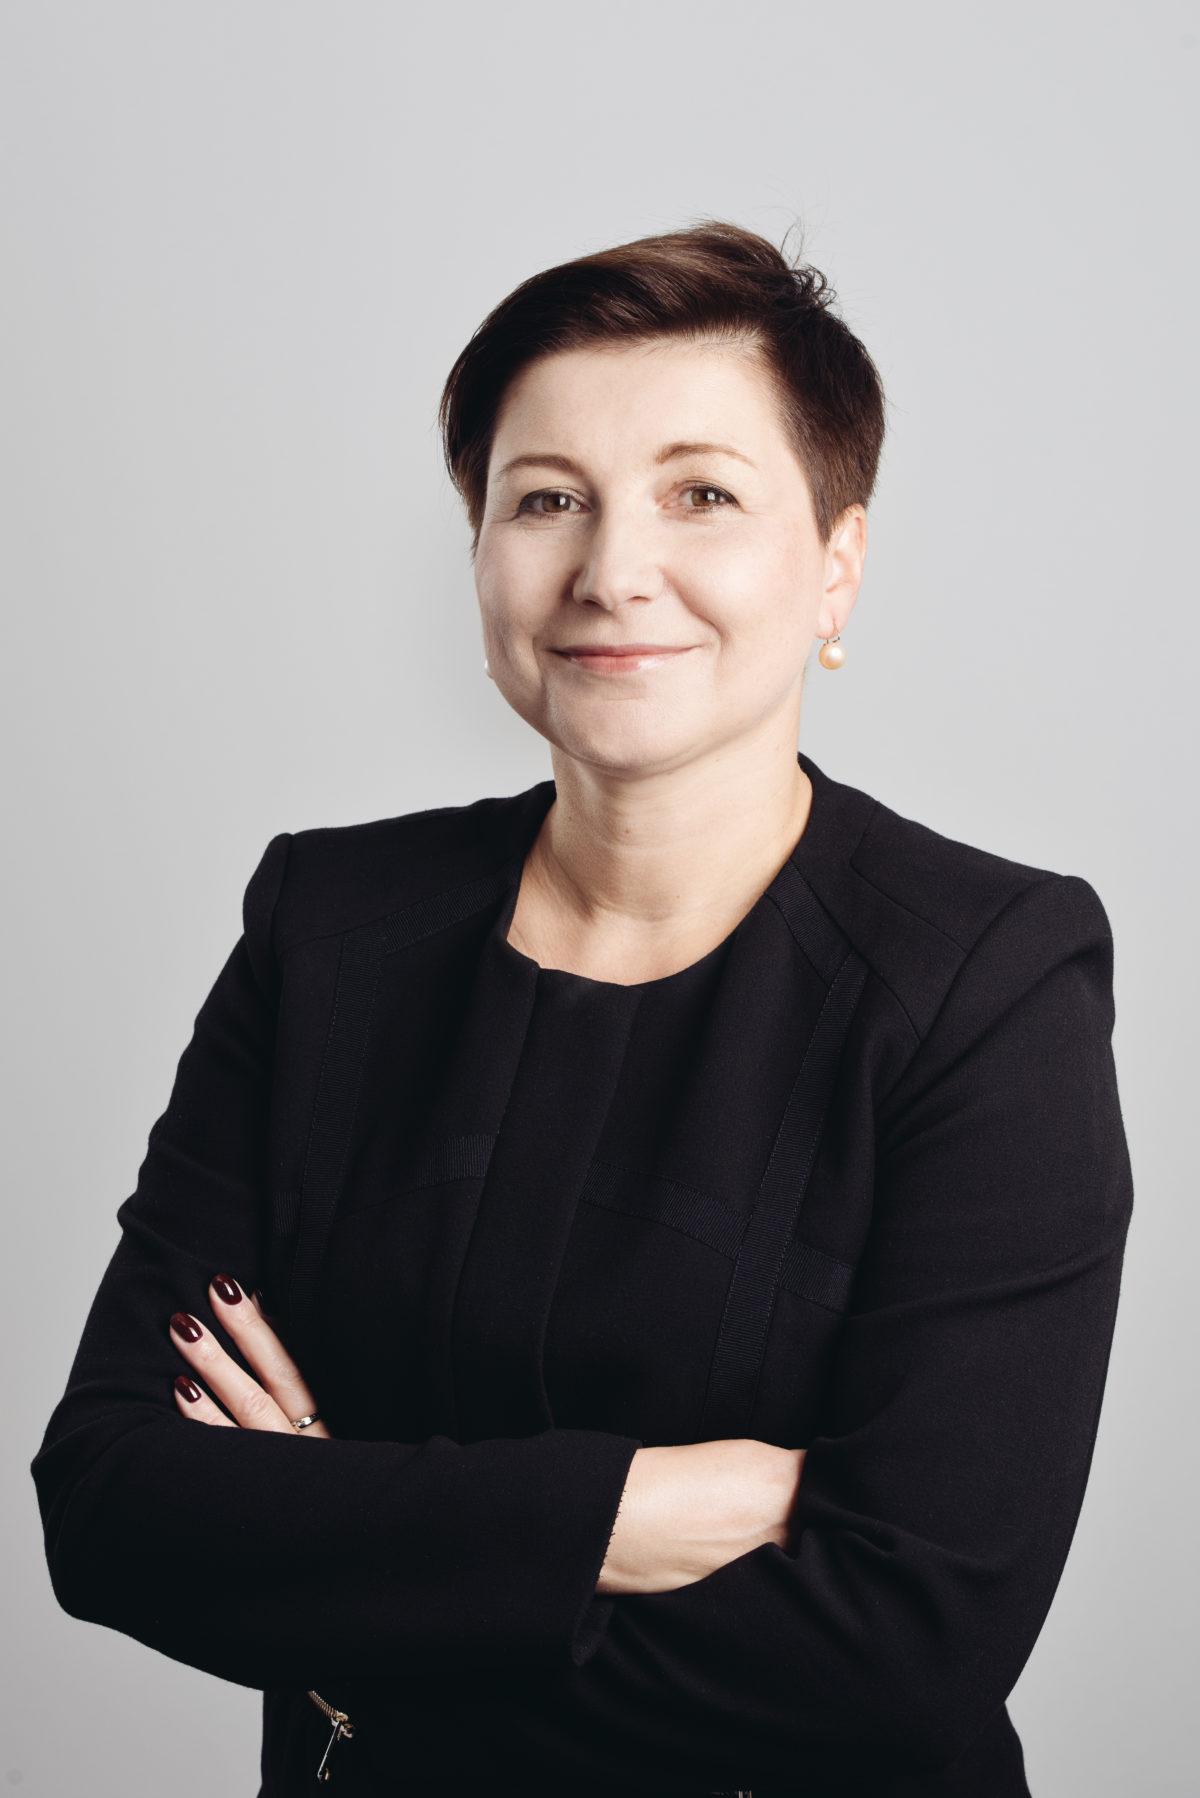 Anna Specht-Schampera